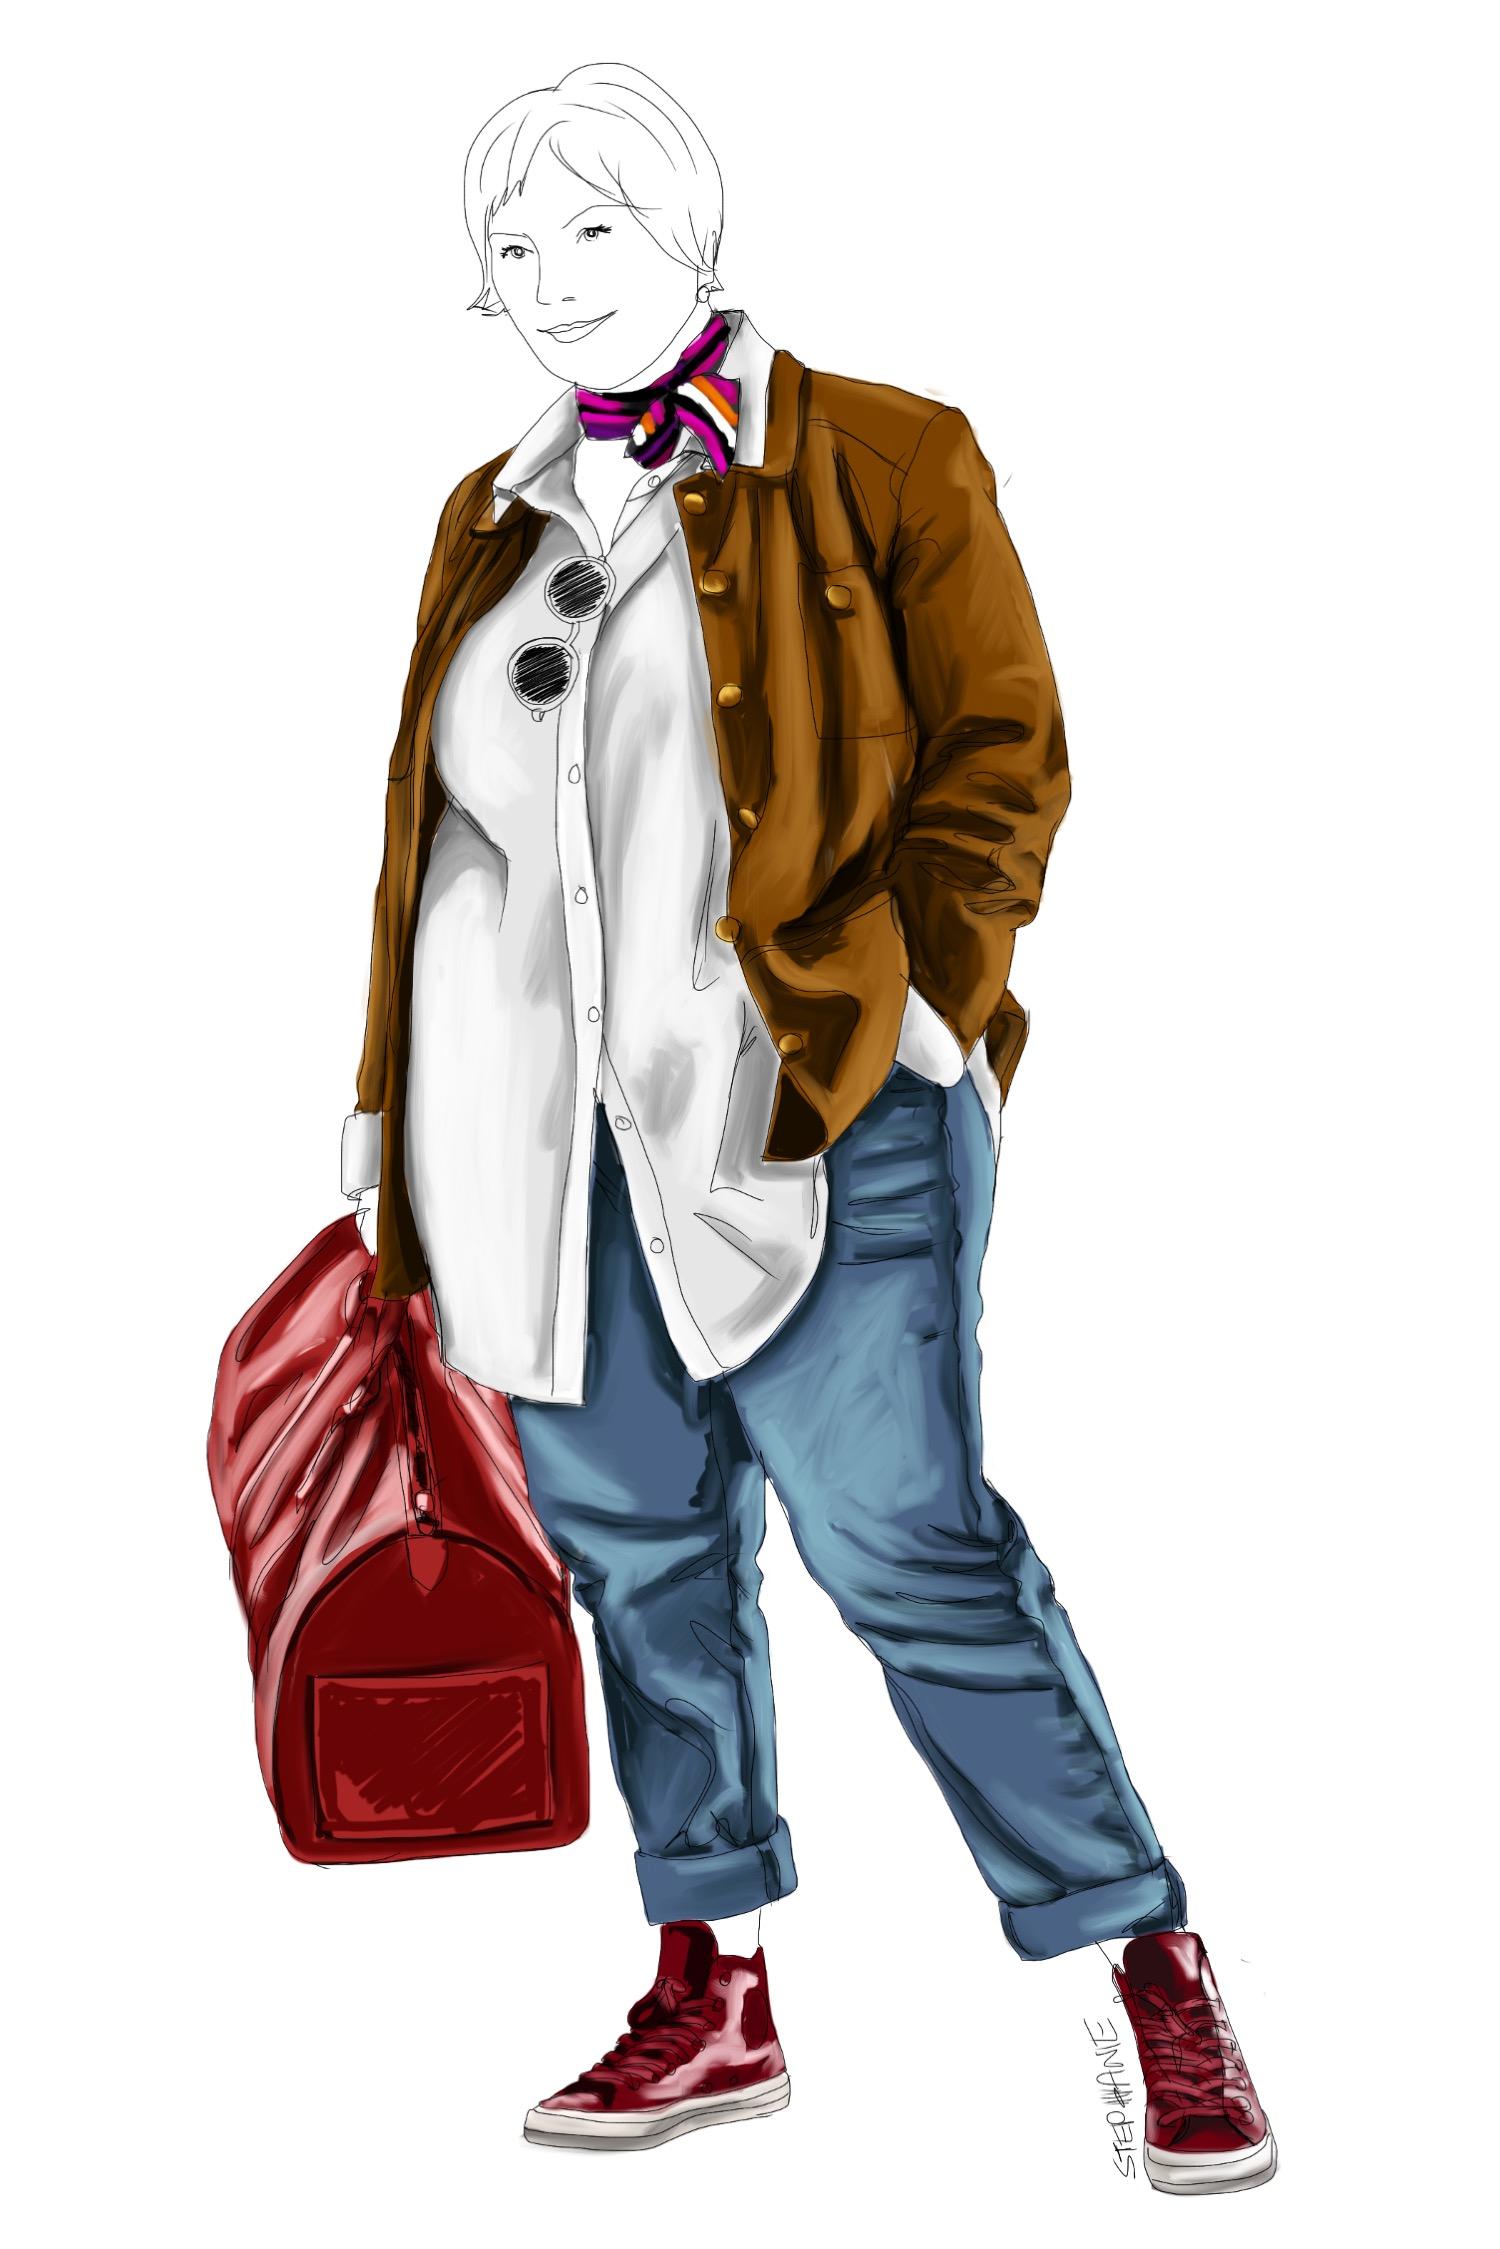 alte Kleidungsstücke trendy stylen - wie man eine alte Lederjacke neu kombiniert